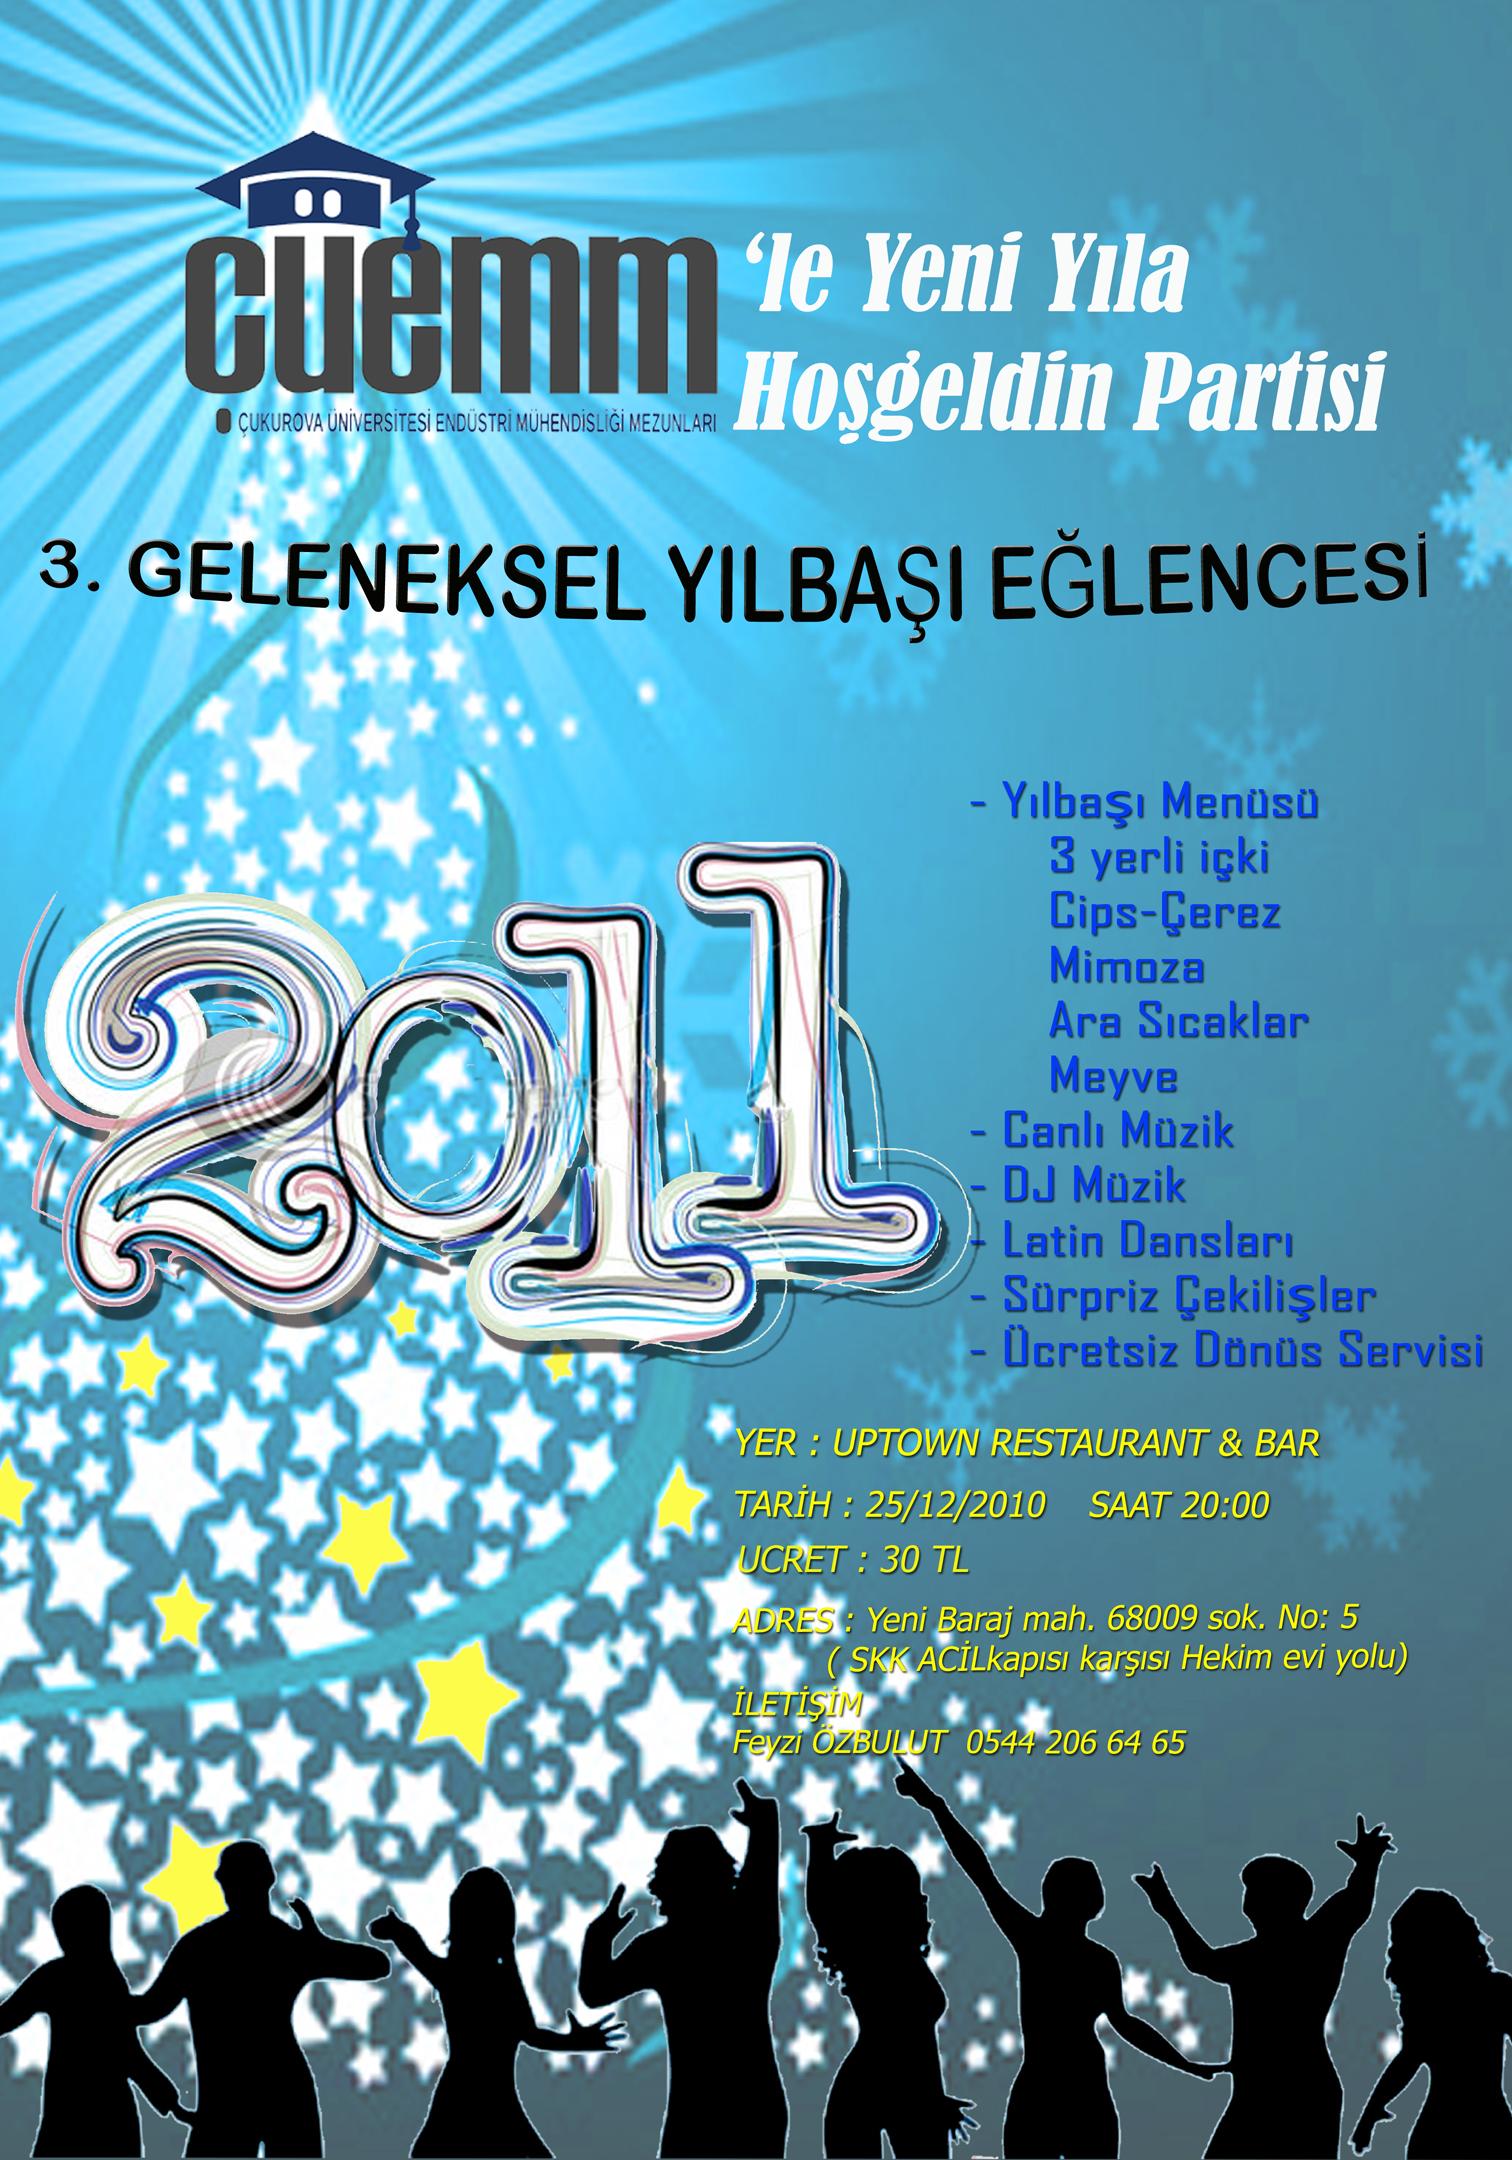 """""""3. Geleneksel Yeni Yıla ÇÜEMM'le Merhaba Partisi"""""""